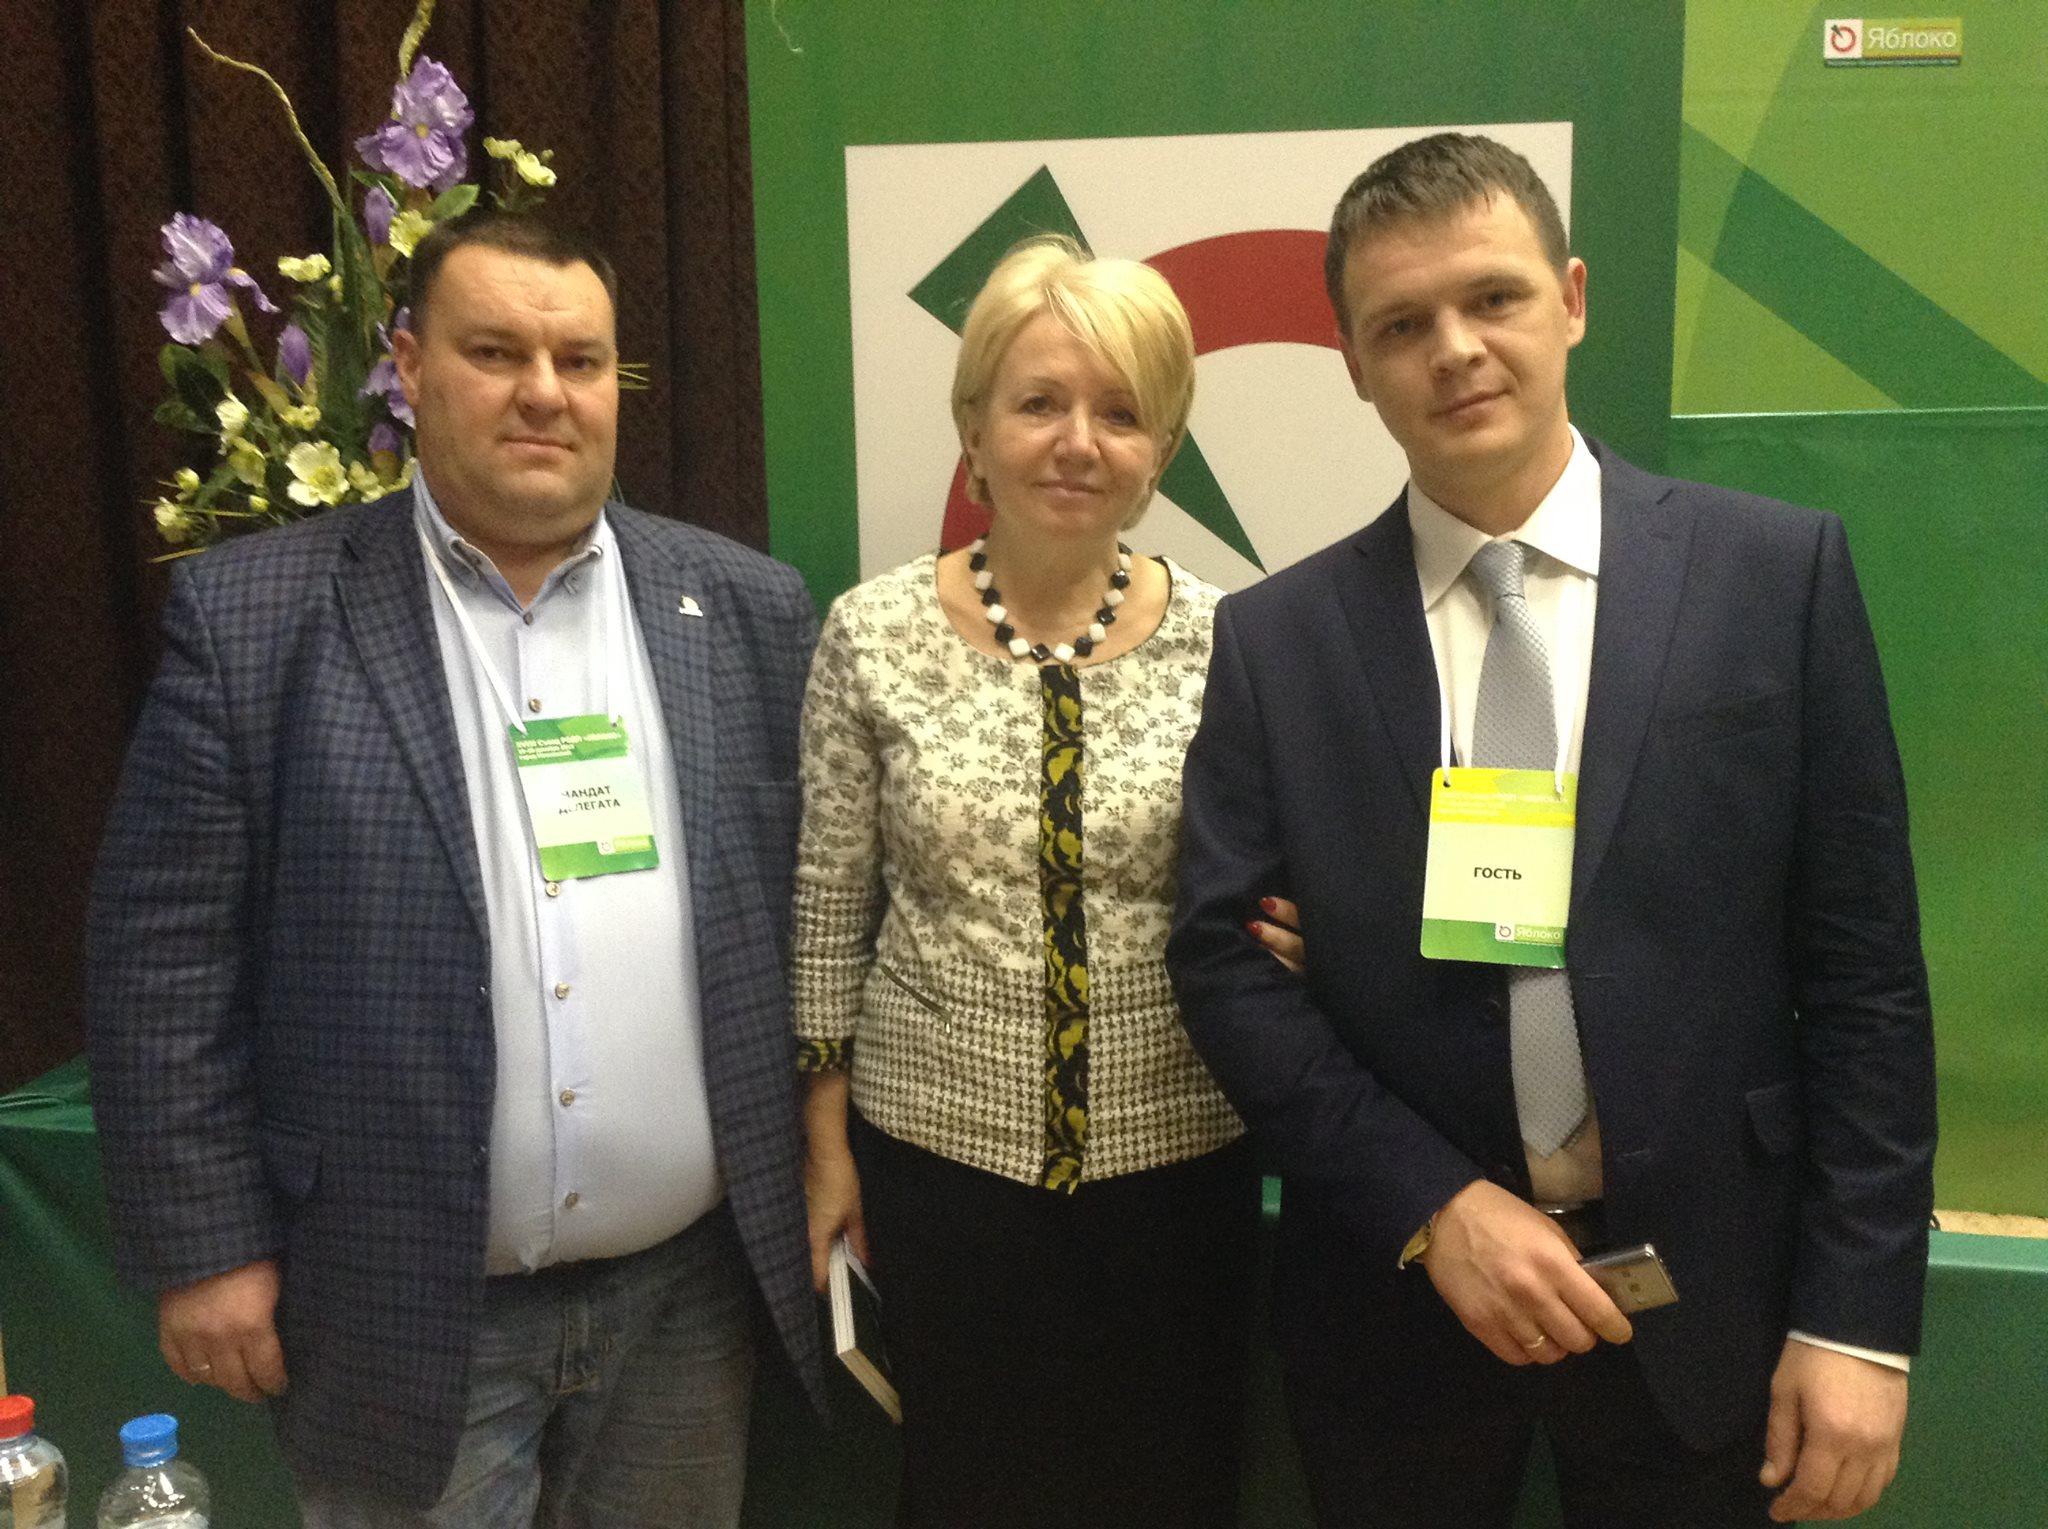 Михаил Назаров, Эмилия Слабунова и Тимофей Клабуков на съезде. Фото: facebook.com